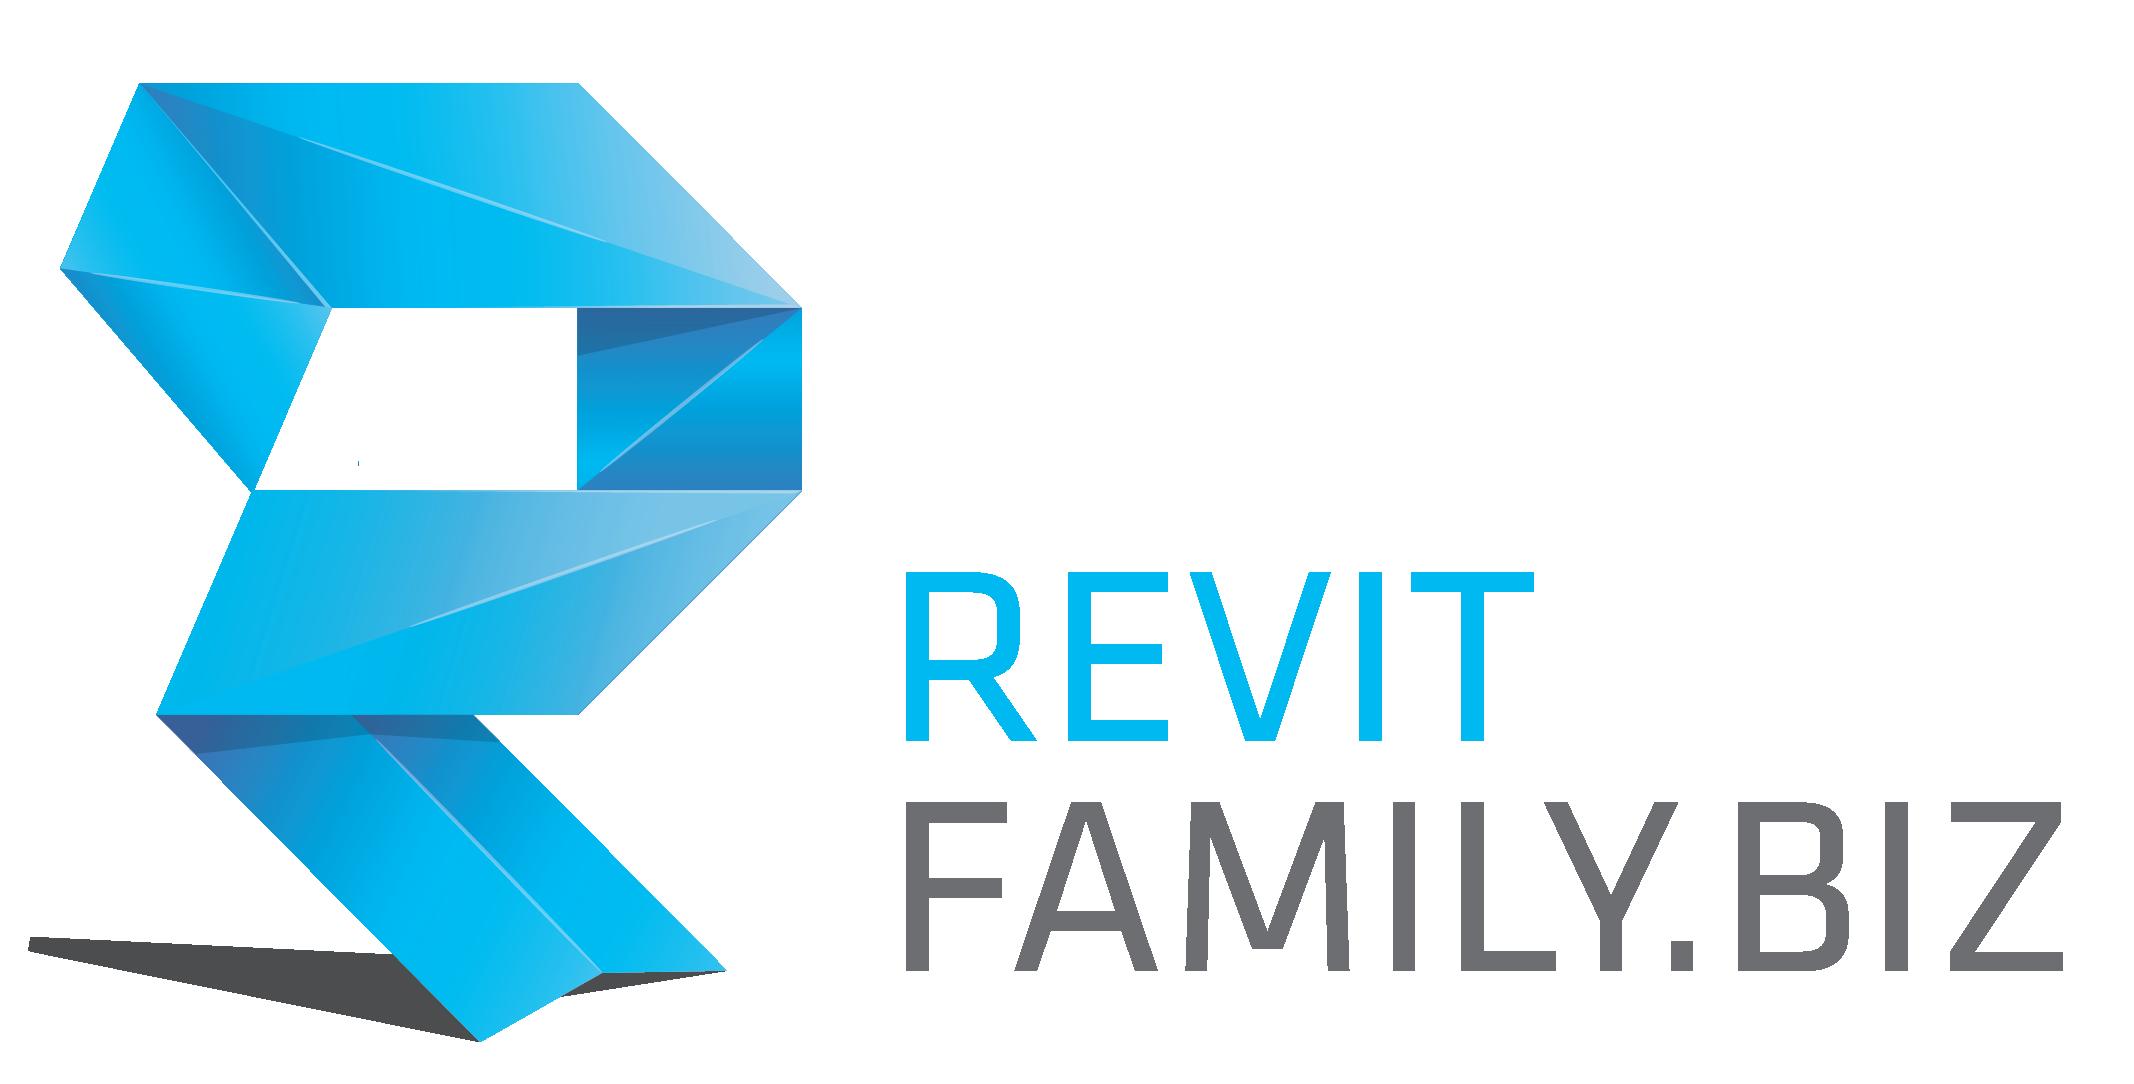 revitfamily.biz